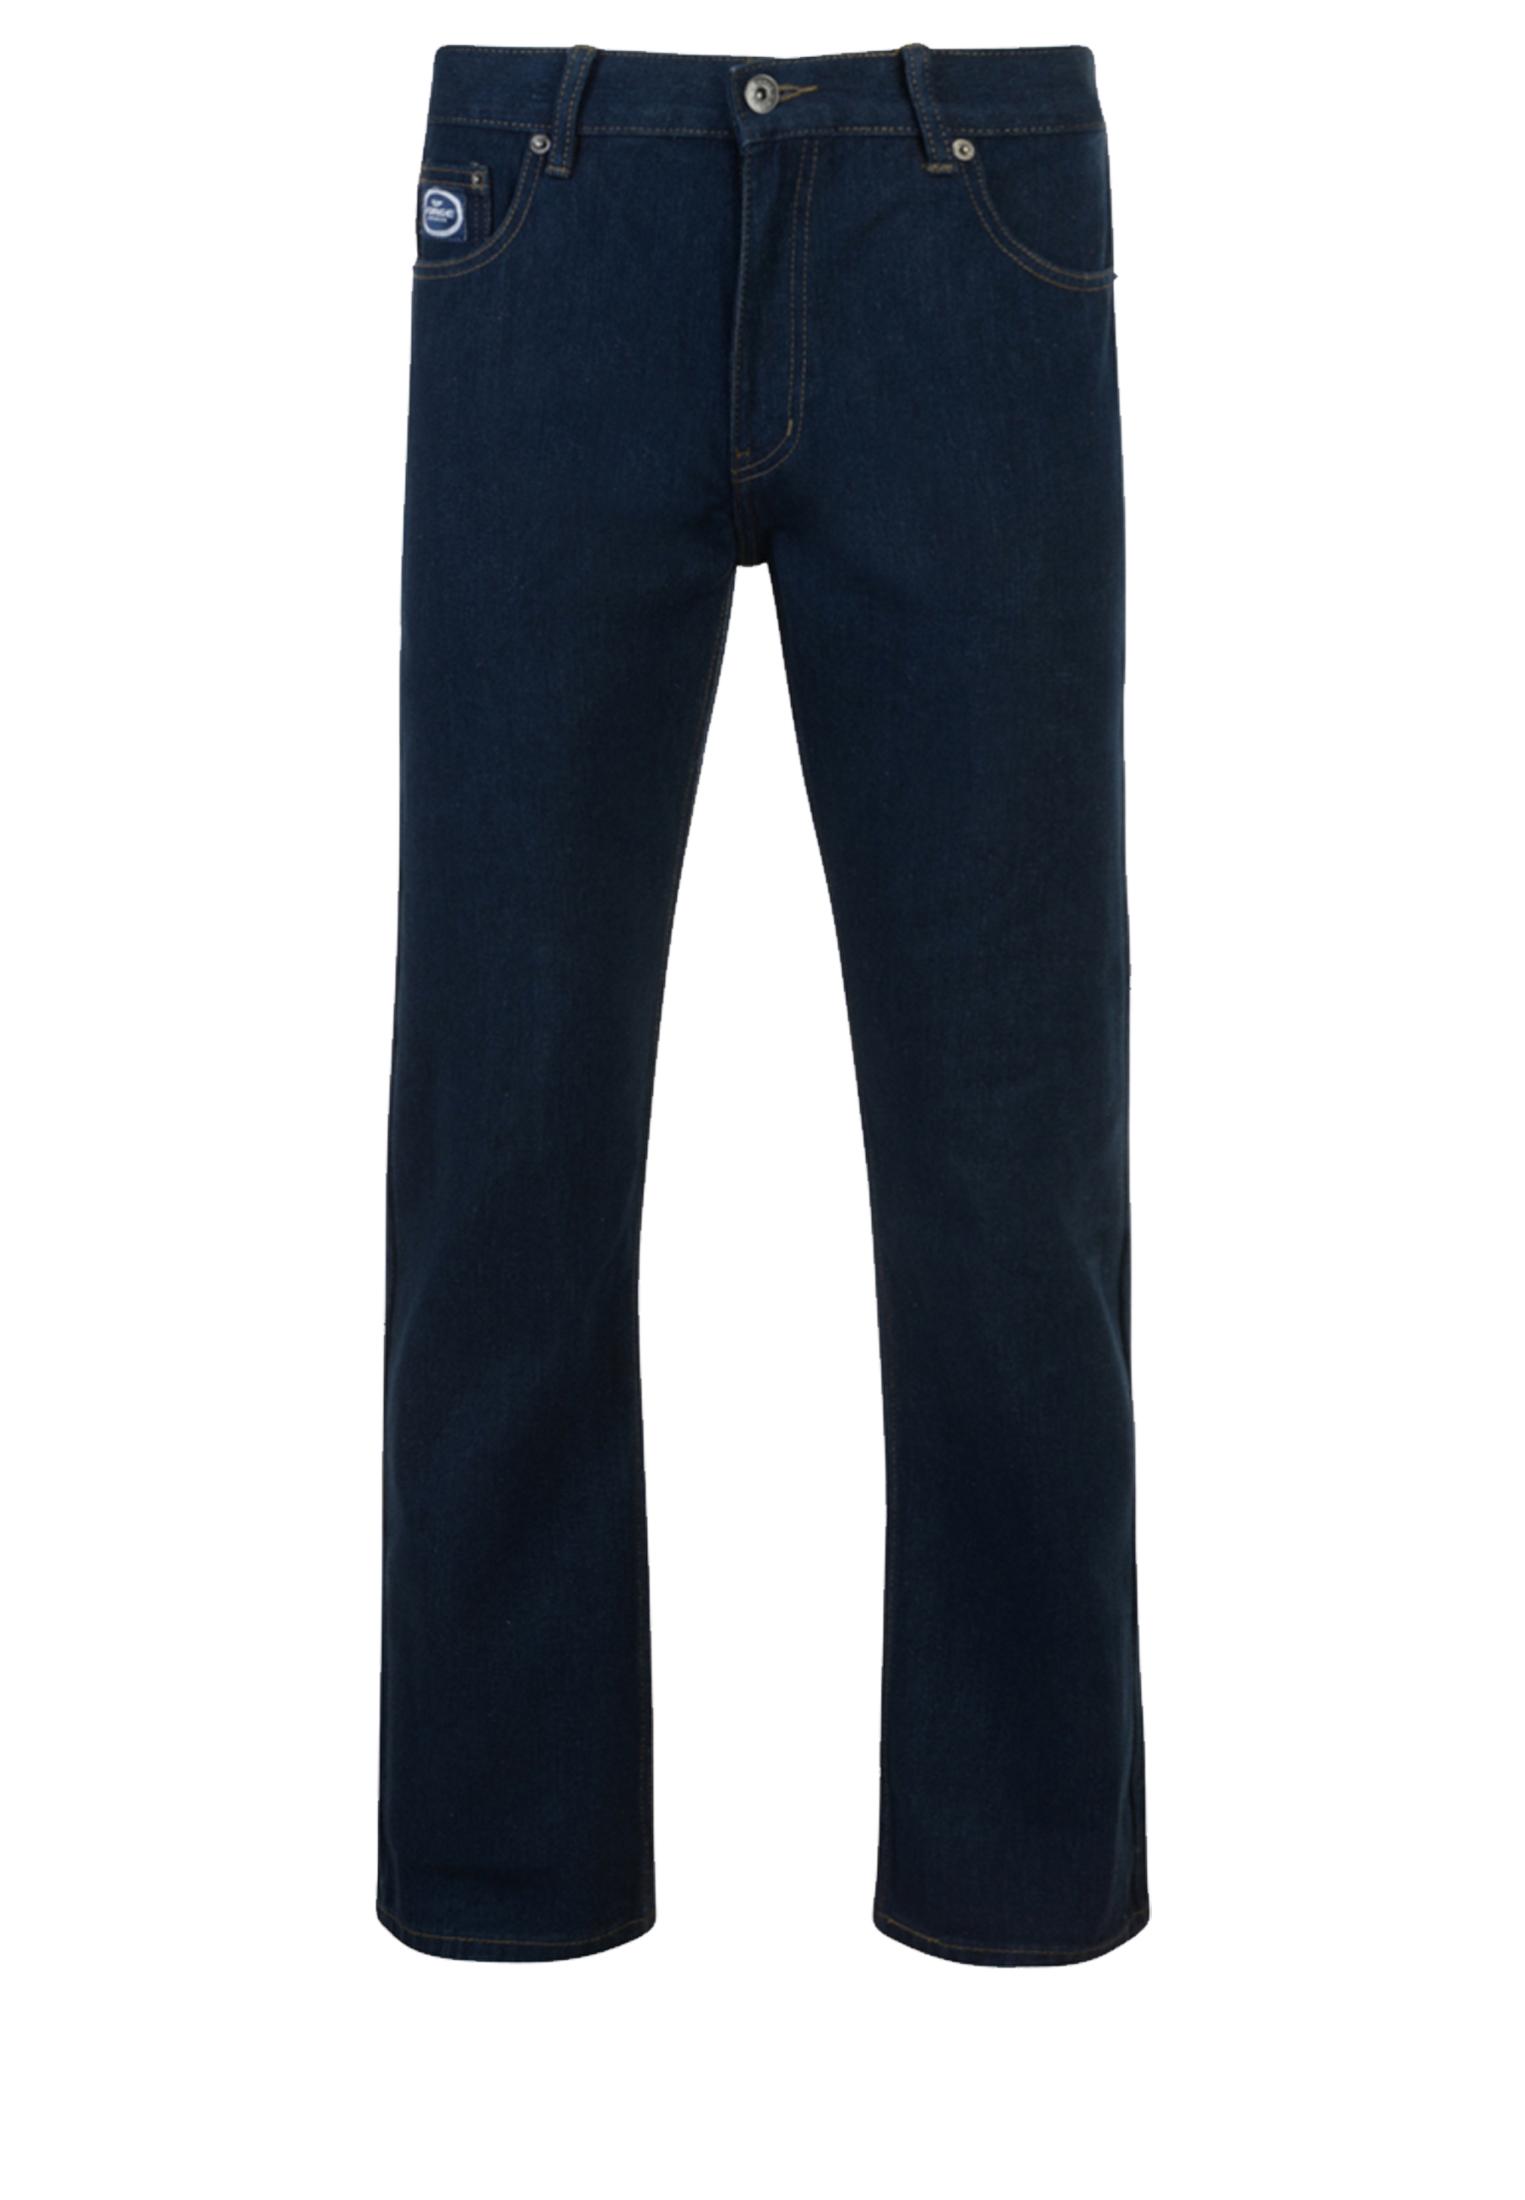 Indigo basic jeans (FORGE, by KAM Jeans) met rechte pijpen, een rits-knoopsluiting, 2 steekzakken voor waarvan 1 met een muntzakje en 2 achterzakken me contrasterende stiksel.  Beenlengte: 34 Inch